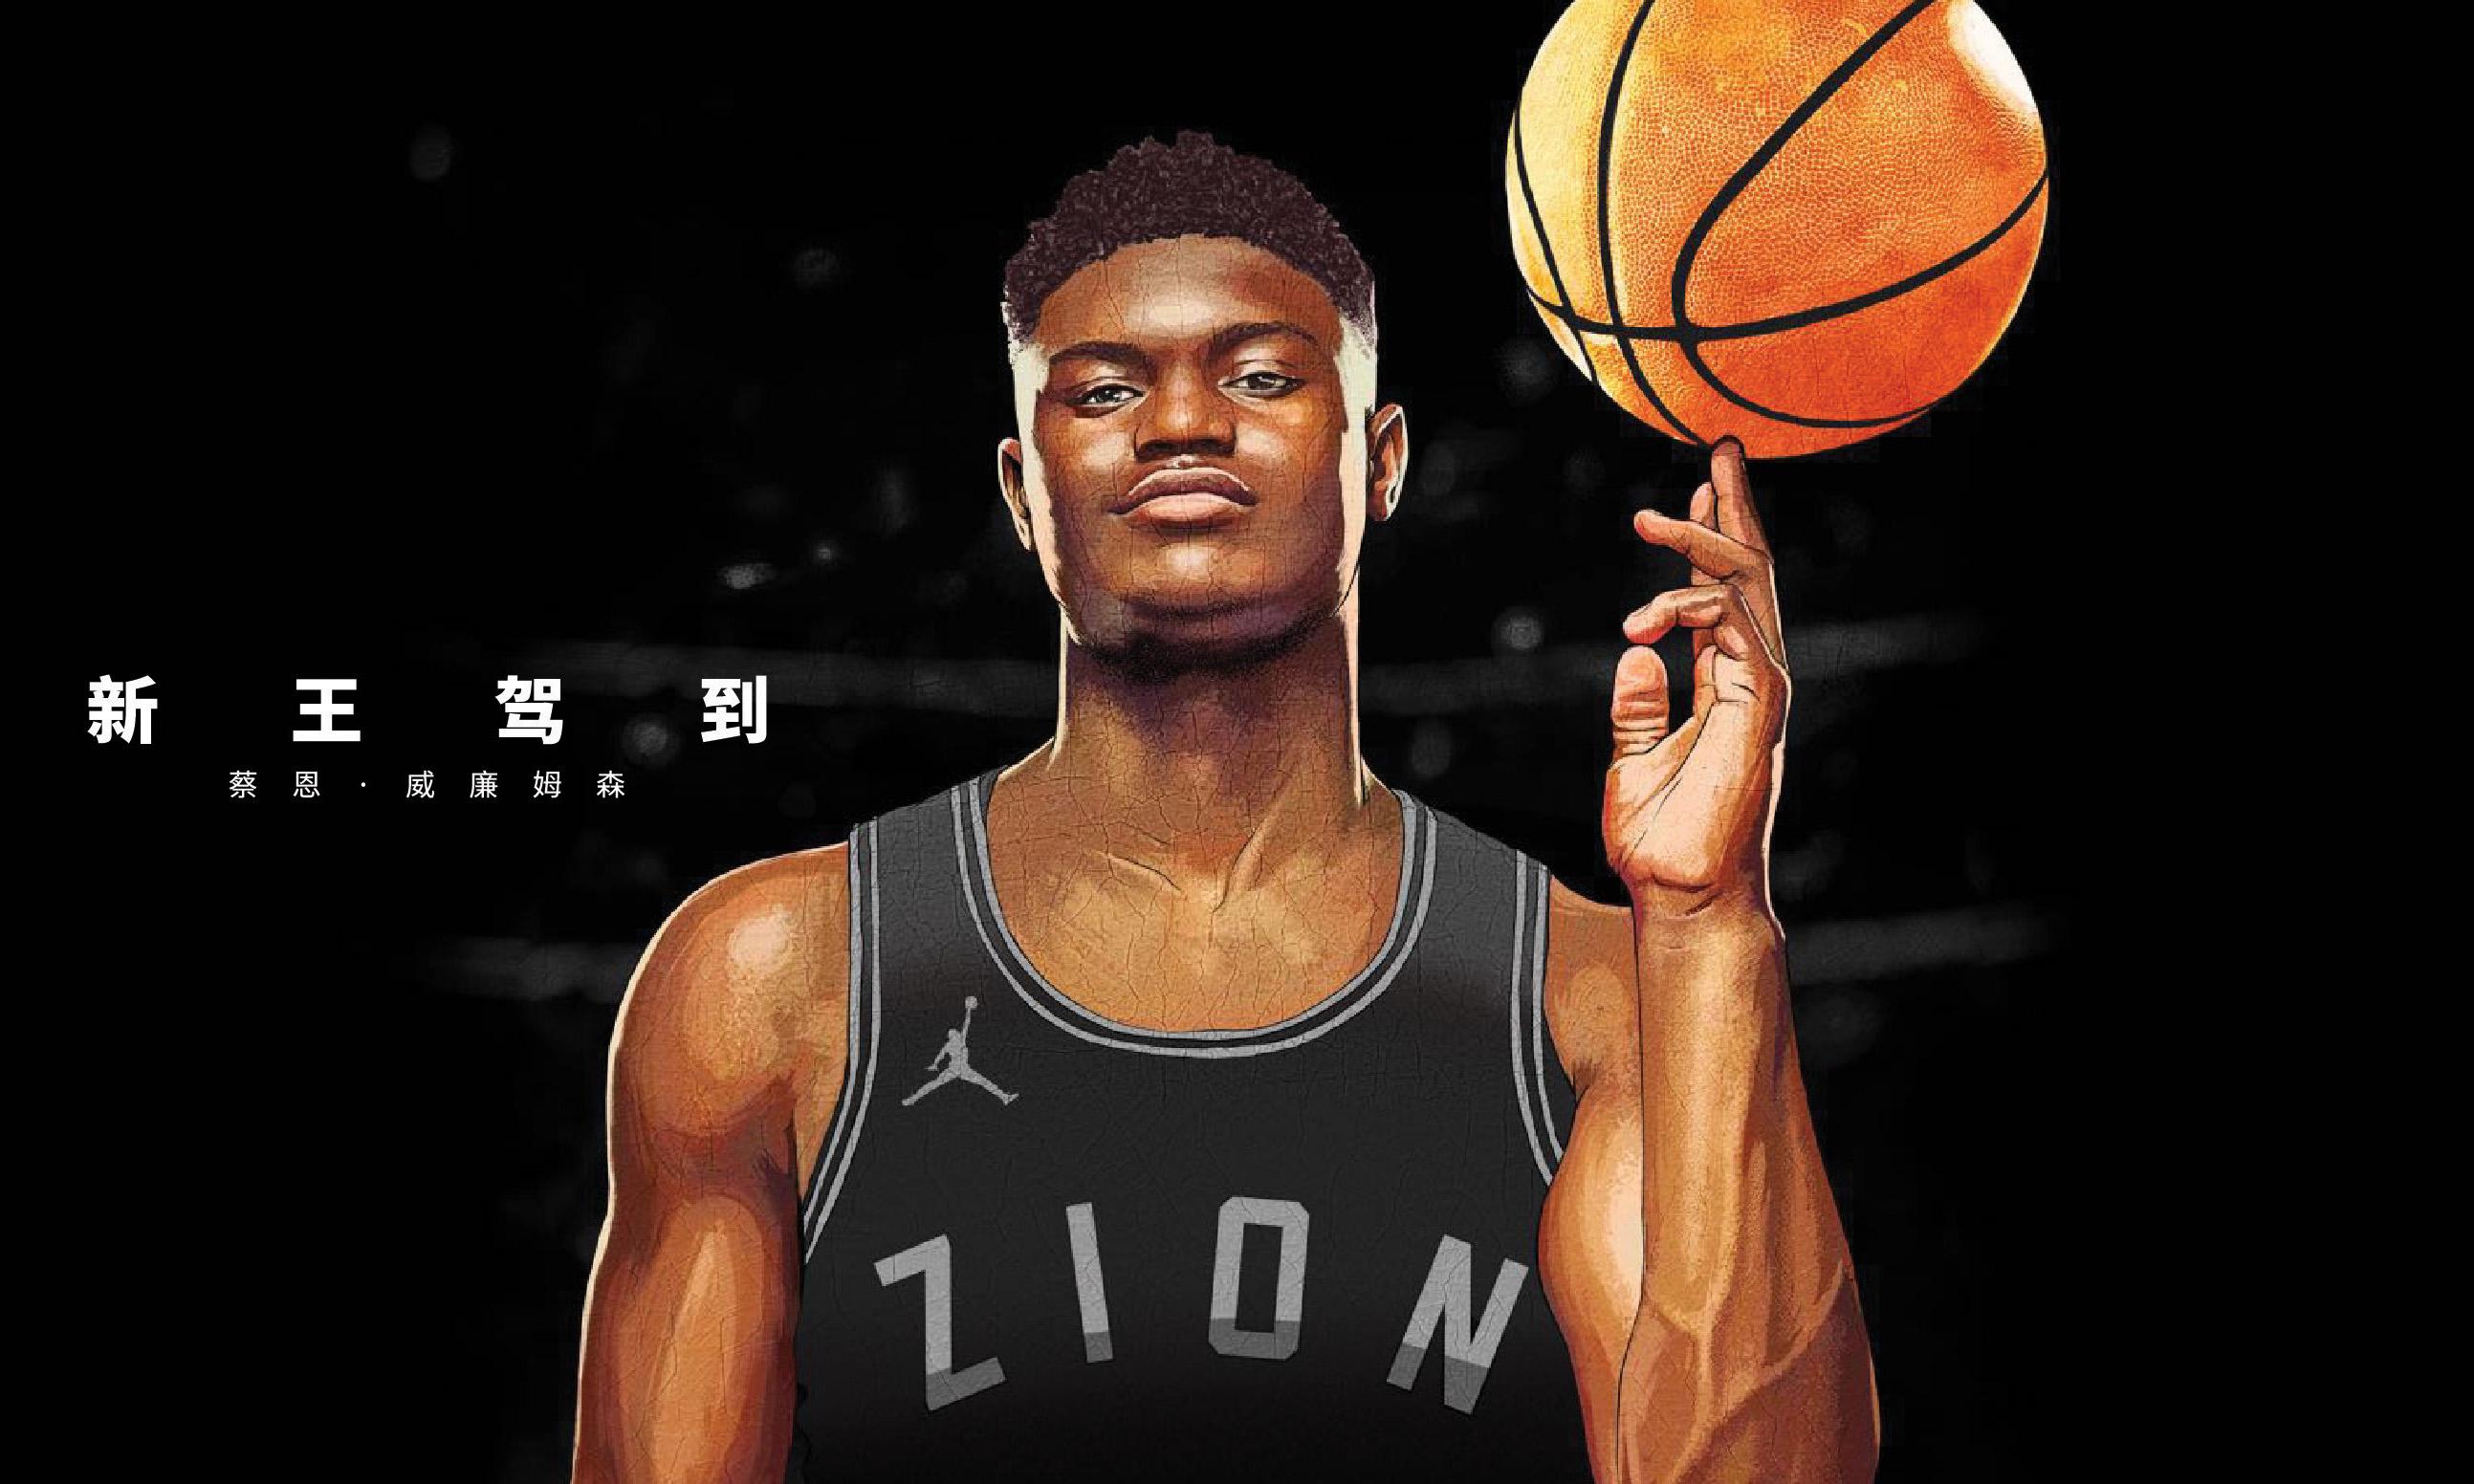 超越 LeBron,Zion Williamson 签约 Jordan 成为史上最贵新秀球鞋合同